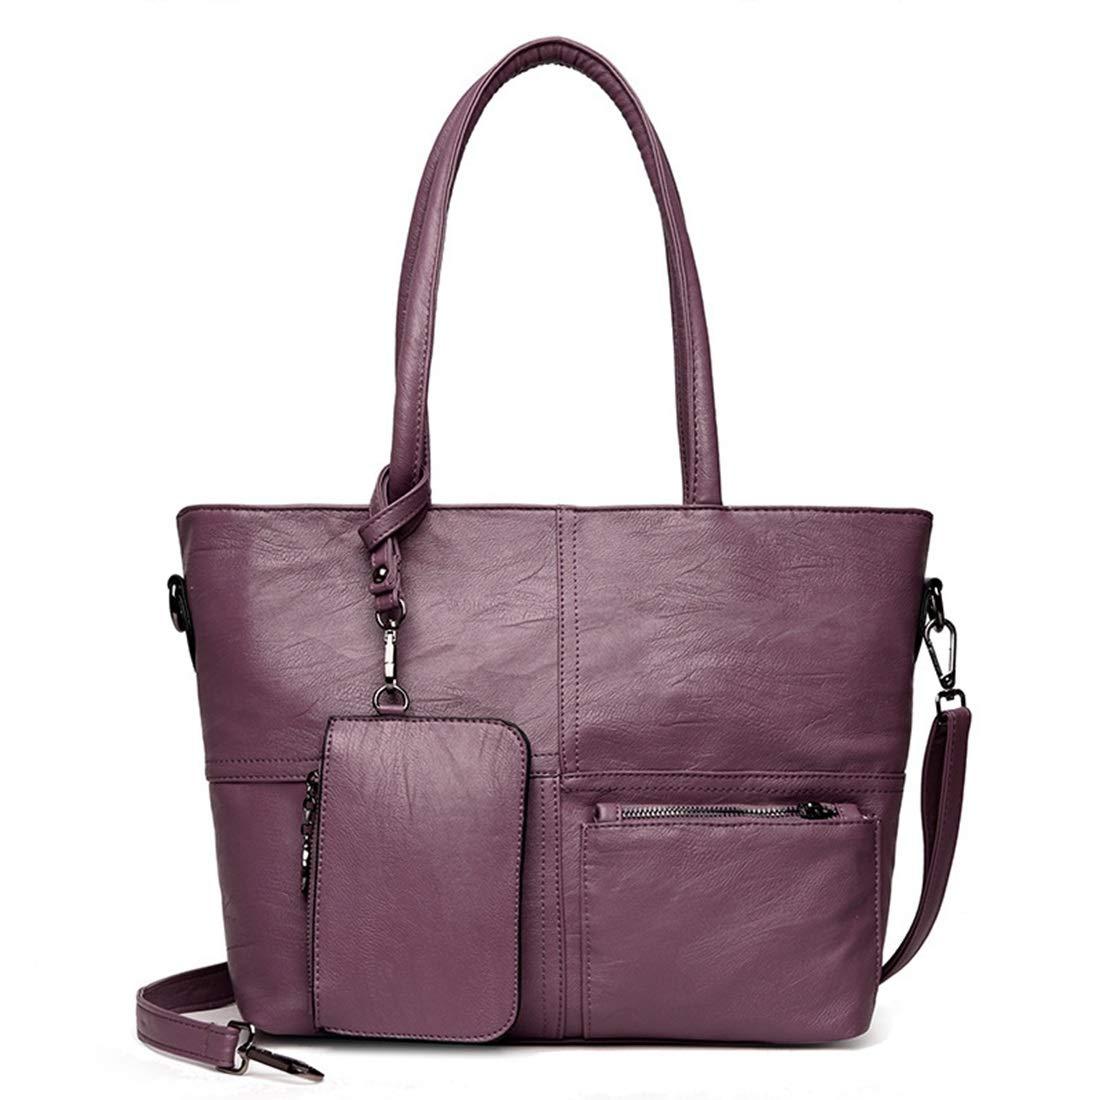 Dhrfyktu Frauen Top Griff Satchel Geldbörsen und Handtaschen Schulter Tote Bags Wallet Sets (Farbe   Wine rot) B07NZ5RCC1 Geldbrsen